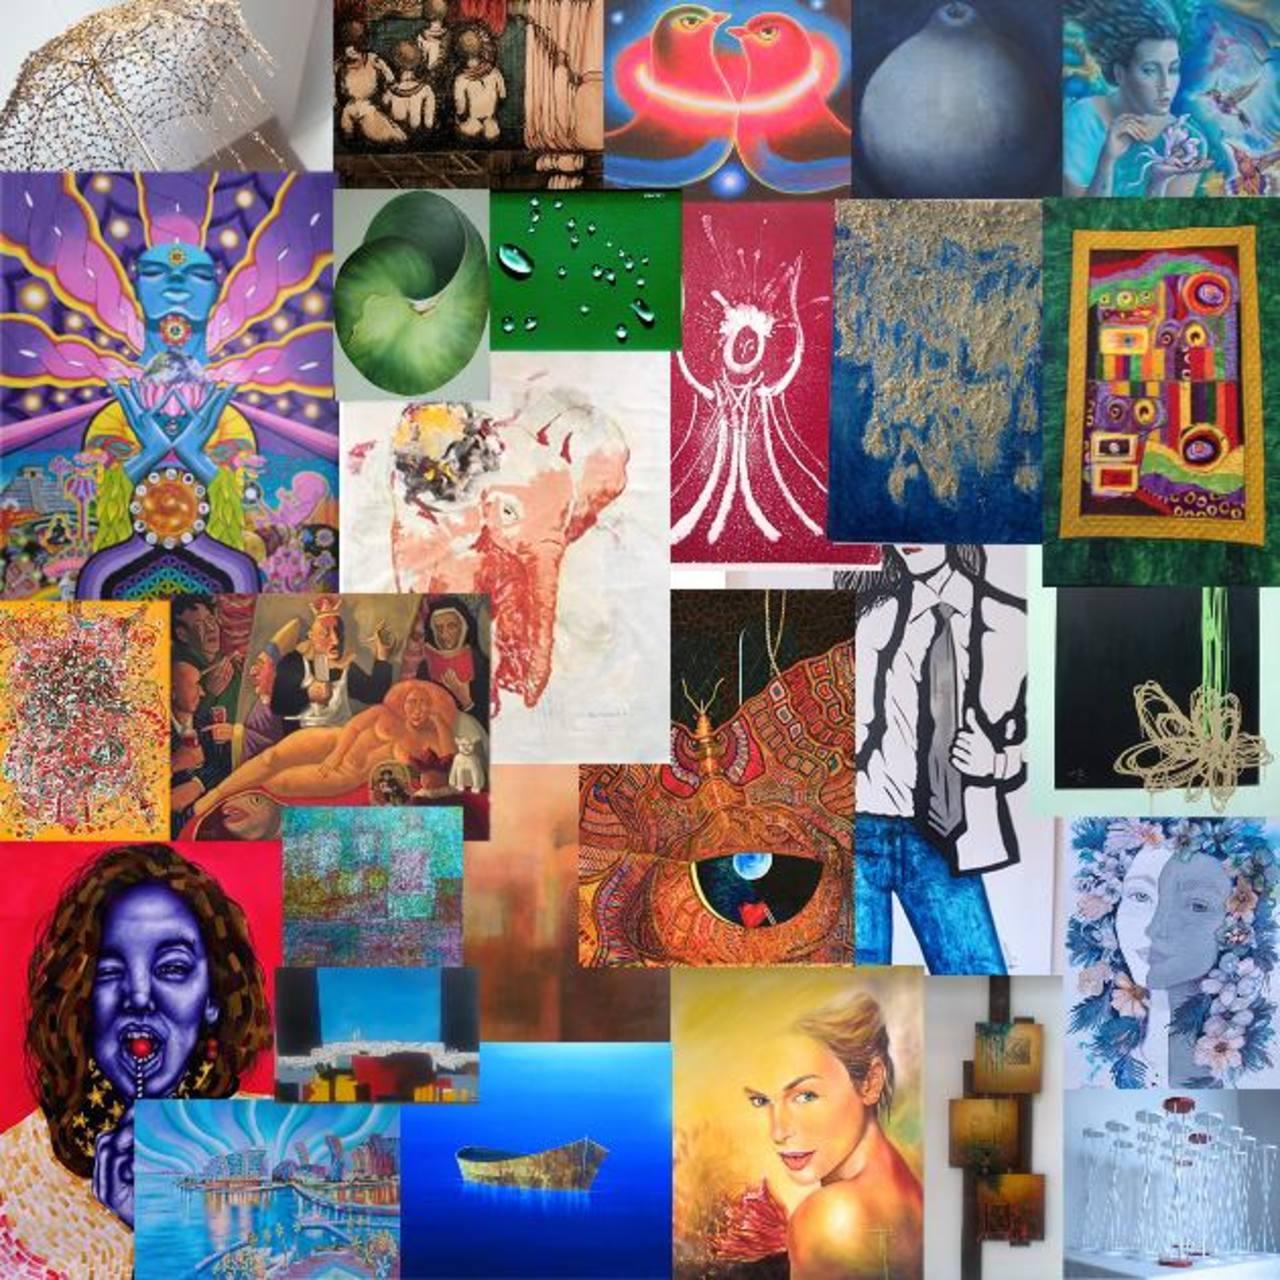 Fuerza, color y expresividad en muestra colectiva